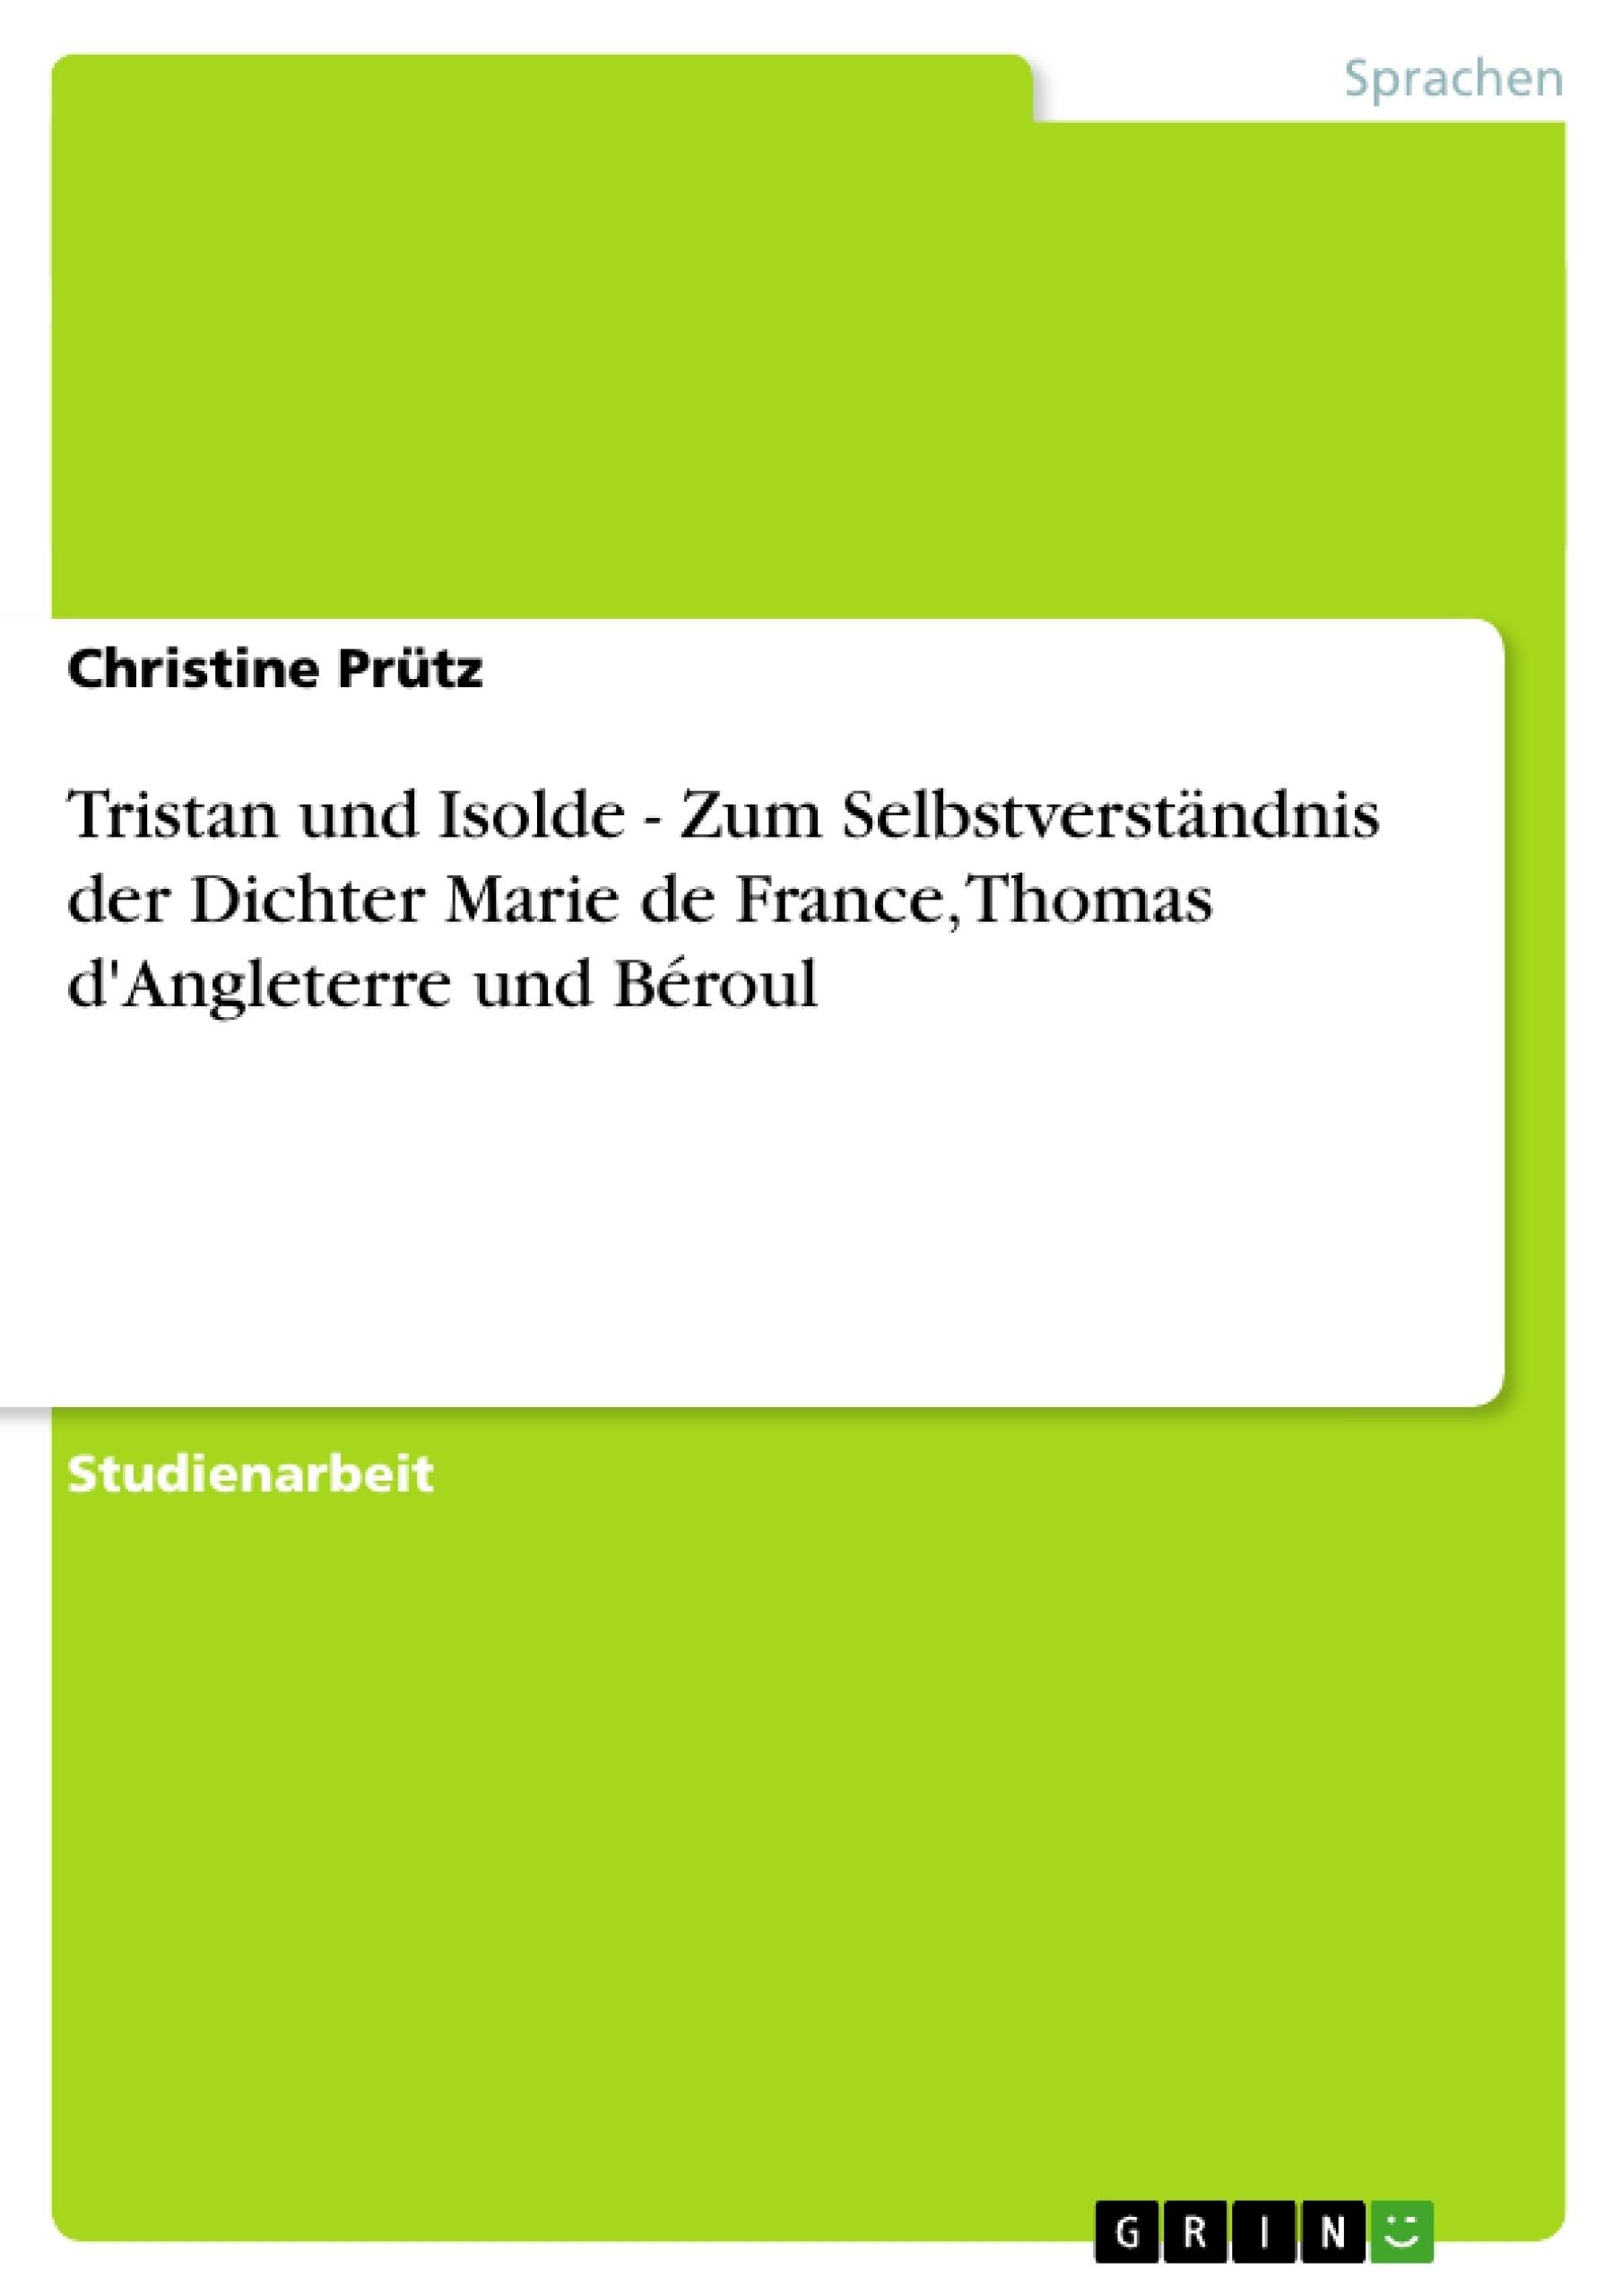 Titel: Tristan und Isolde - Zum Selbstverständnis der Dichter Marie de France, Thomas d'Angleterre und Béroul